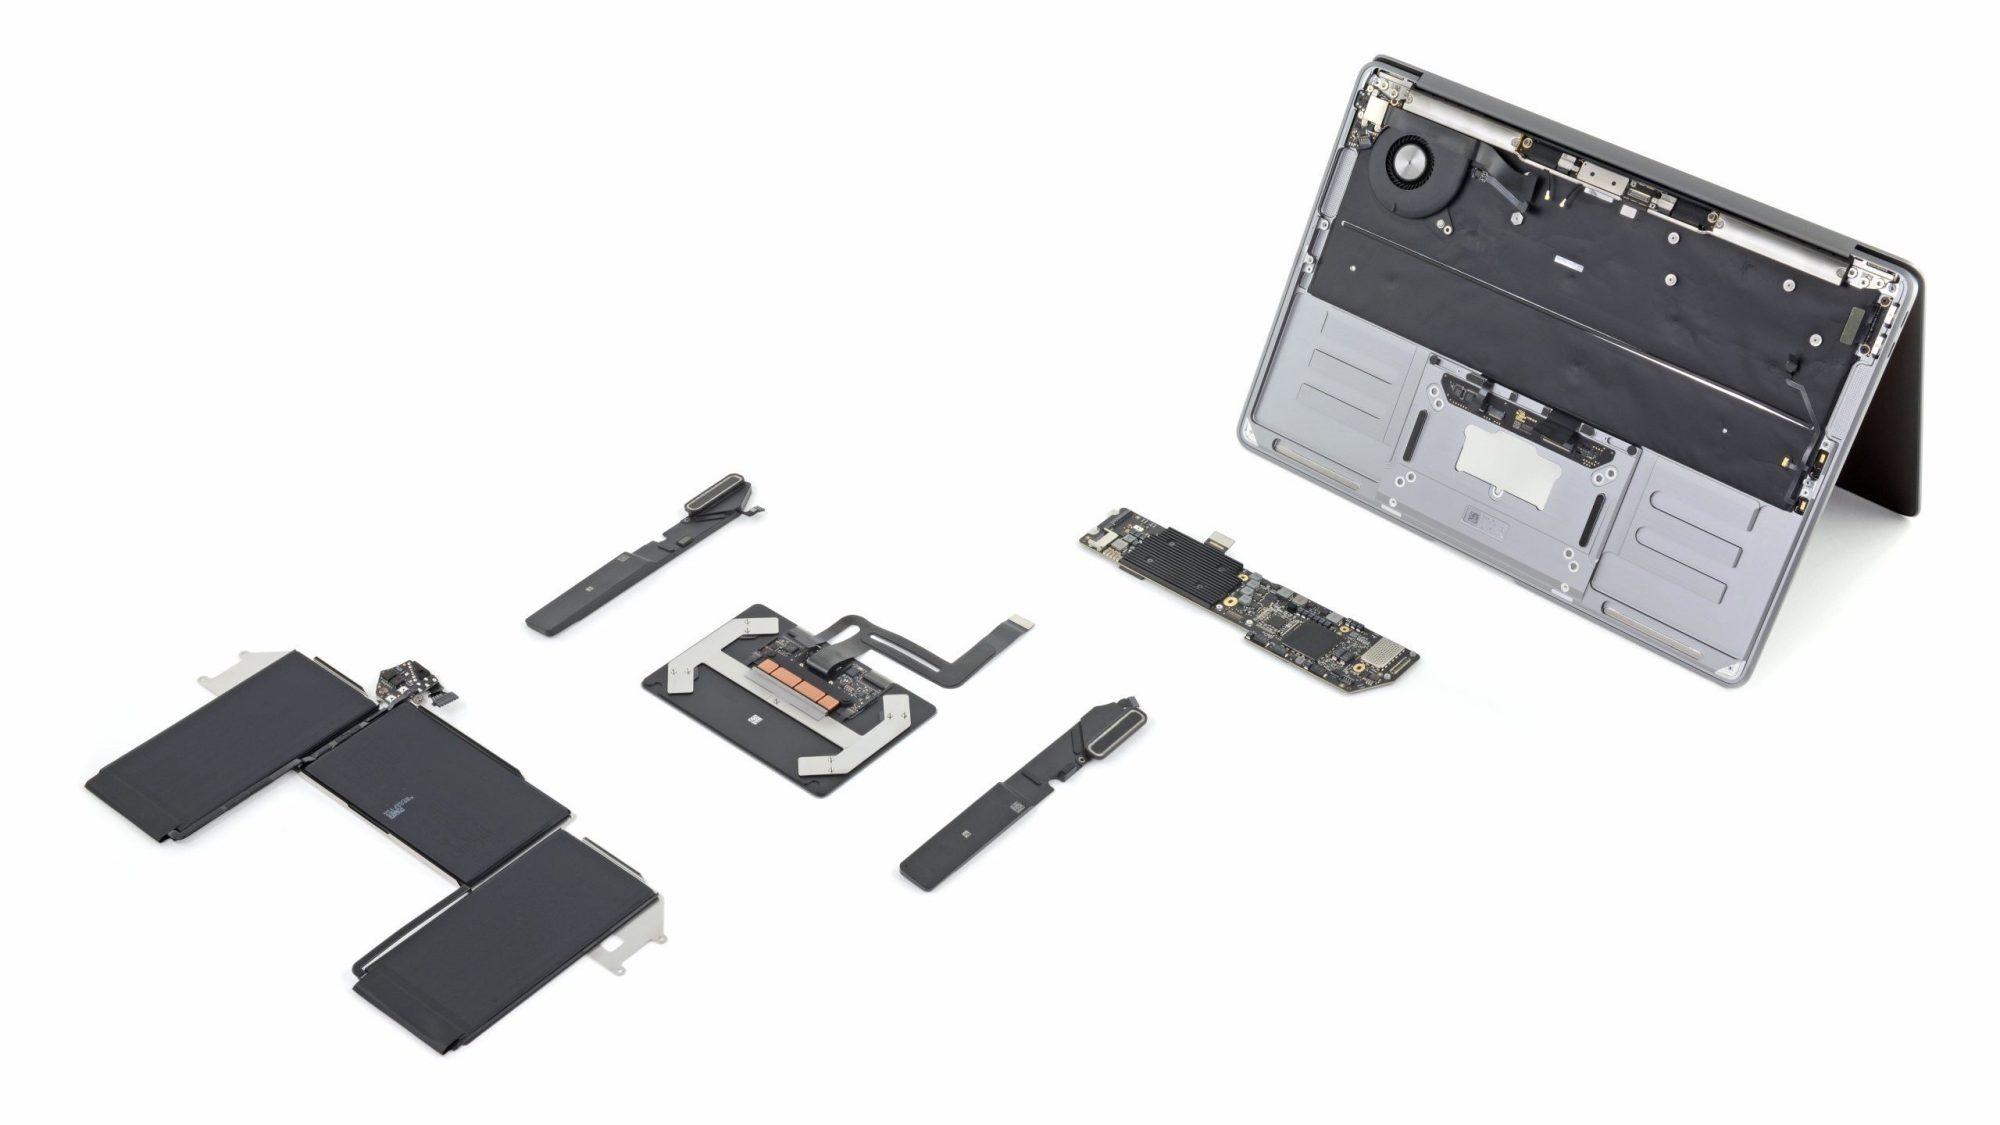 新MacBook Air、iFixitがさっそく分解。キーボード変更による厚み増加 ...